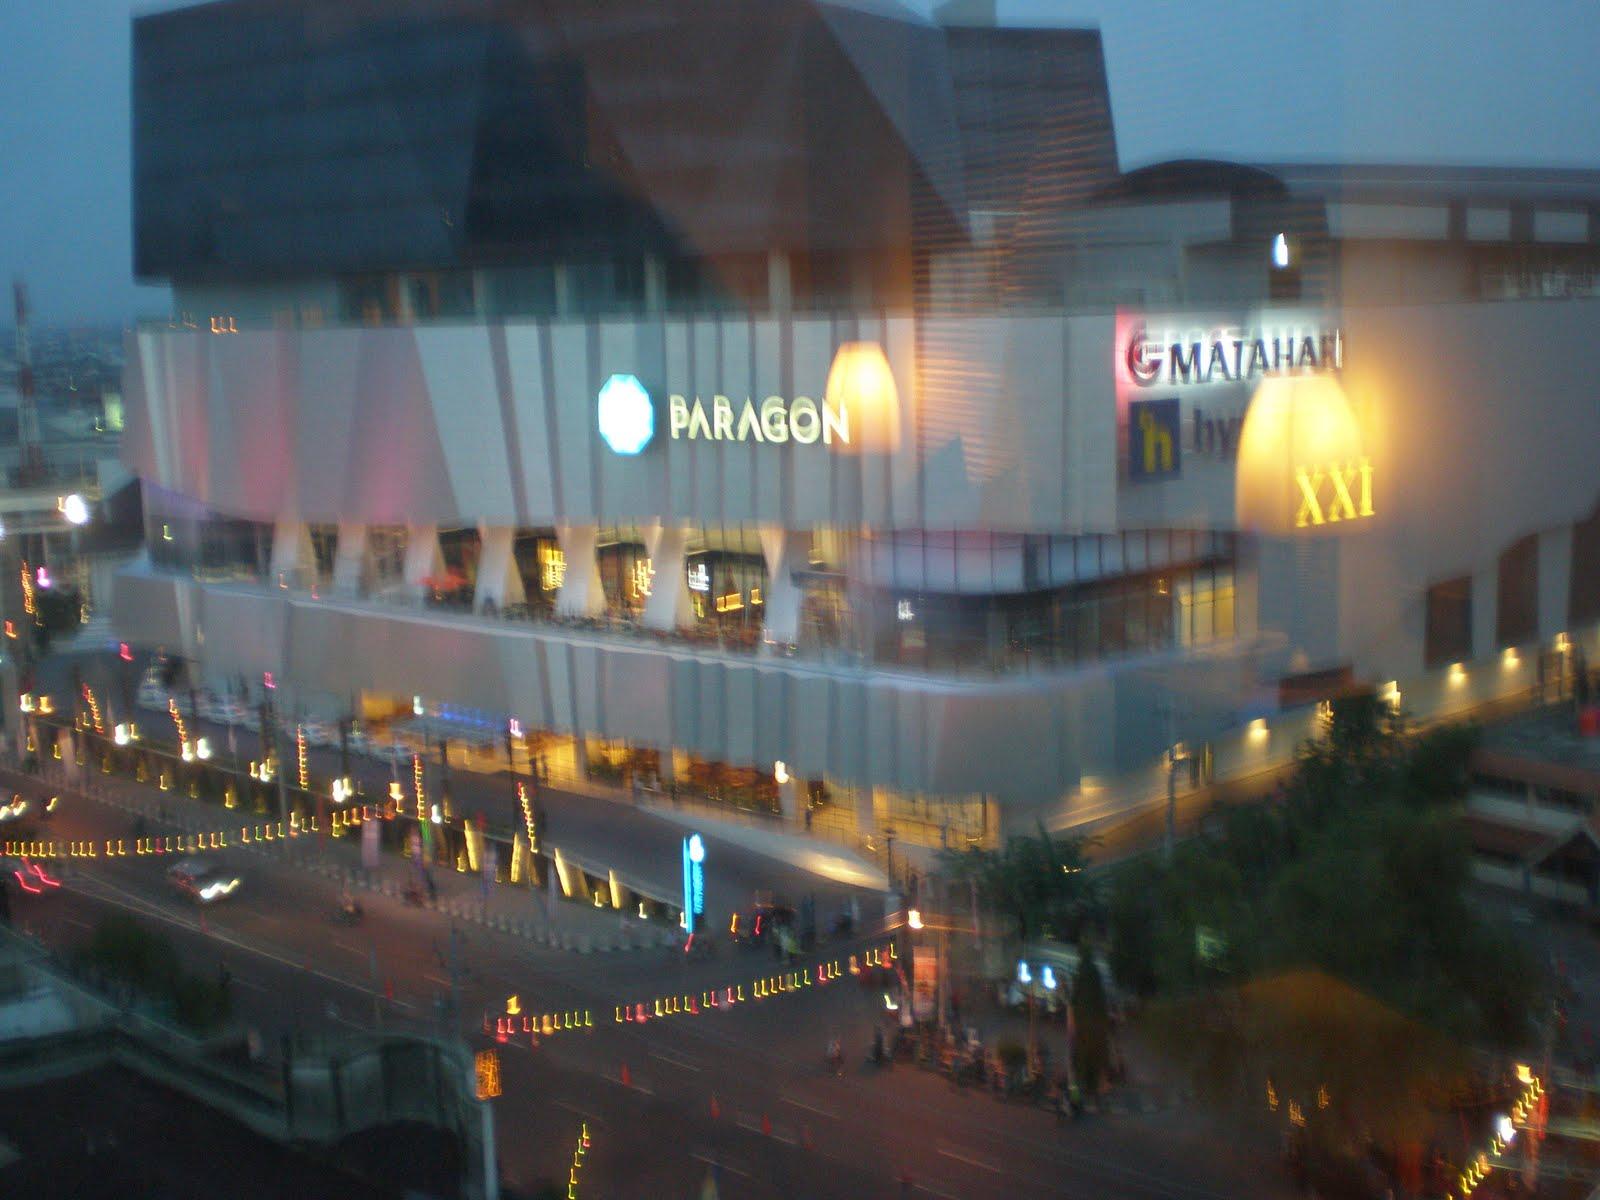 Family Blog Paragon Mall Semarang